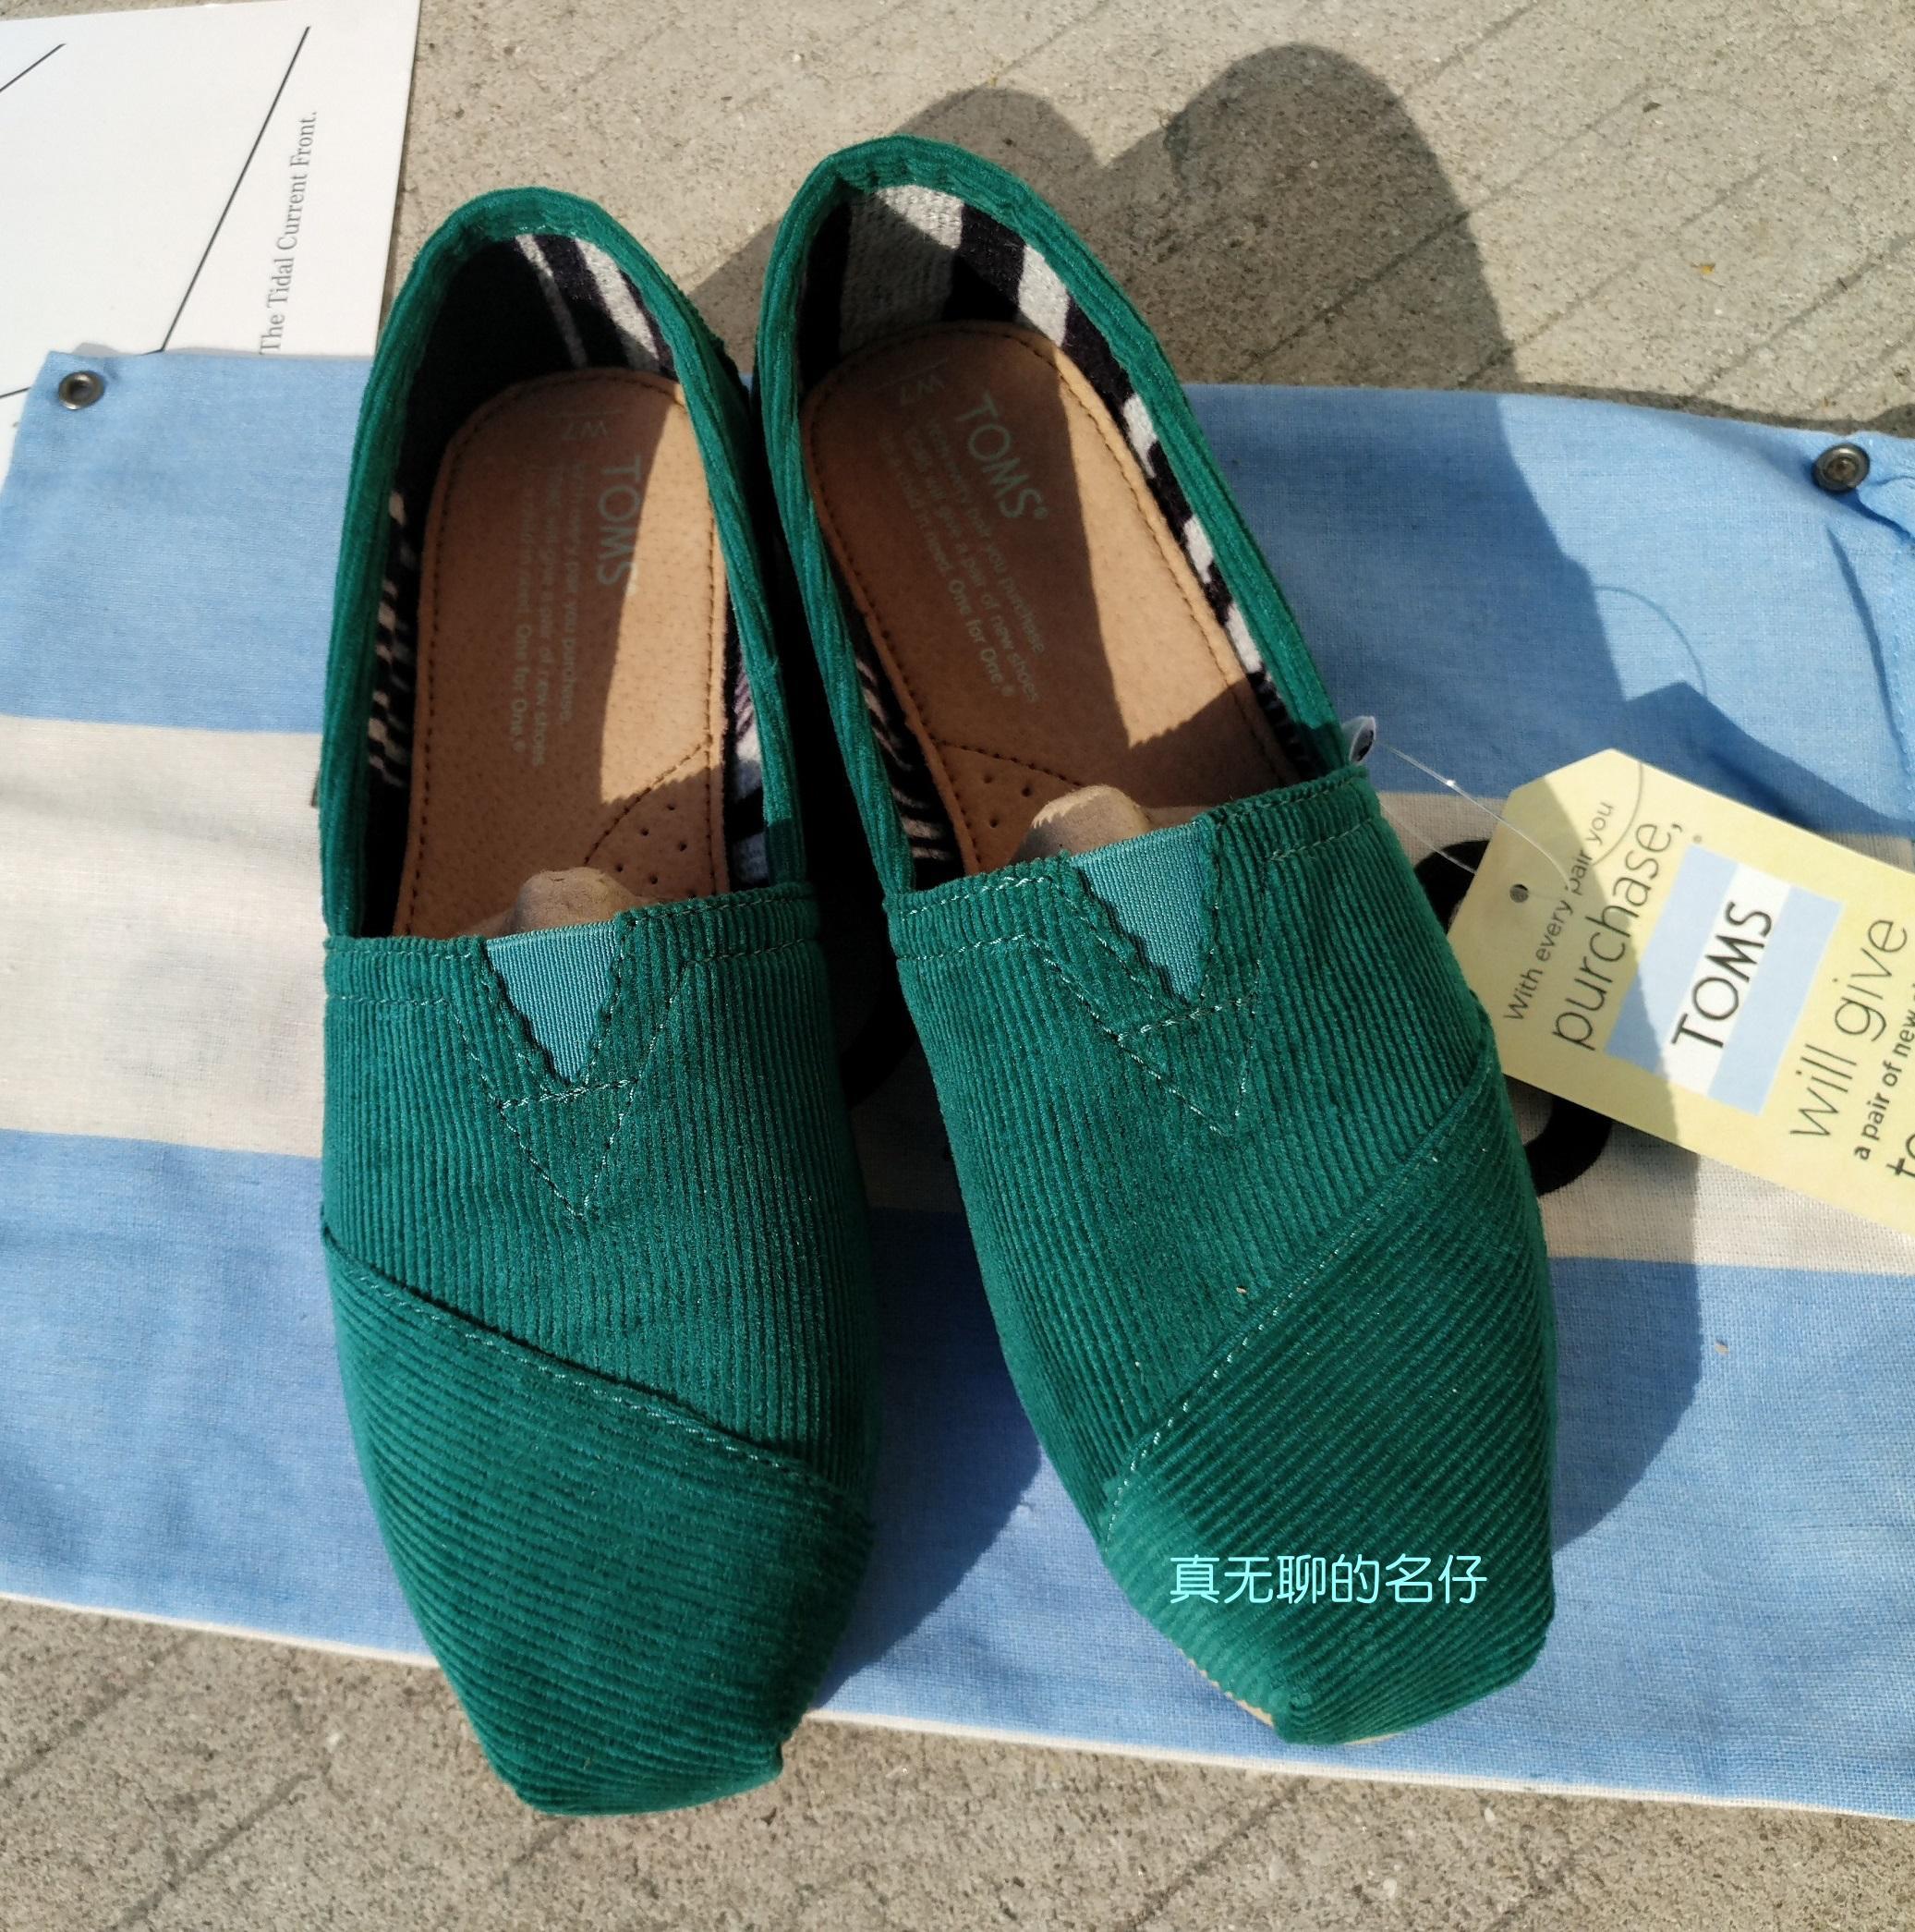 绿色帆布鞋 TOMS 秋季经典绿色灯芯绒帆布鞋舒适休闲一脚蹬懒人鞋 女鞋_推荐淘宝好看的绿色帆布鞋